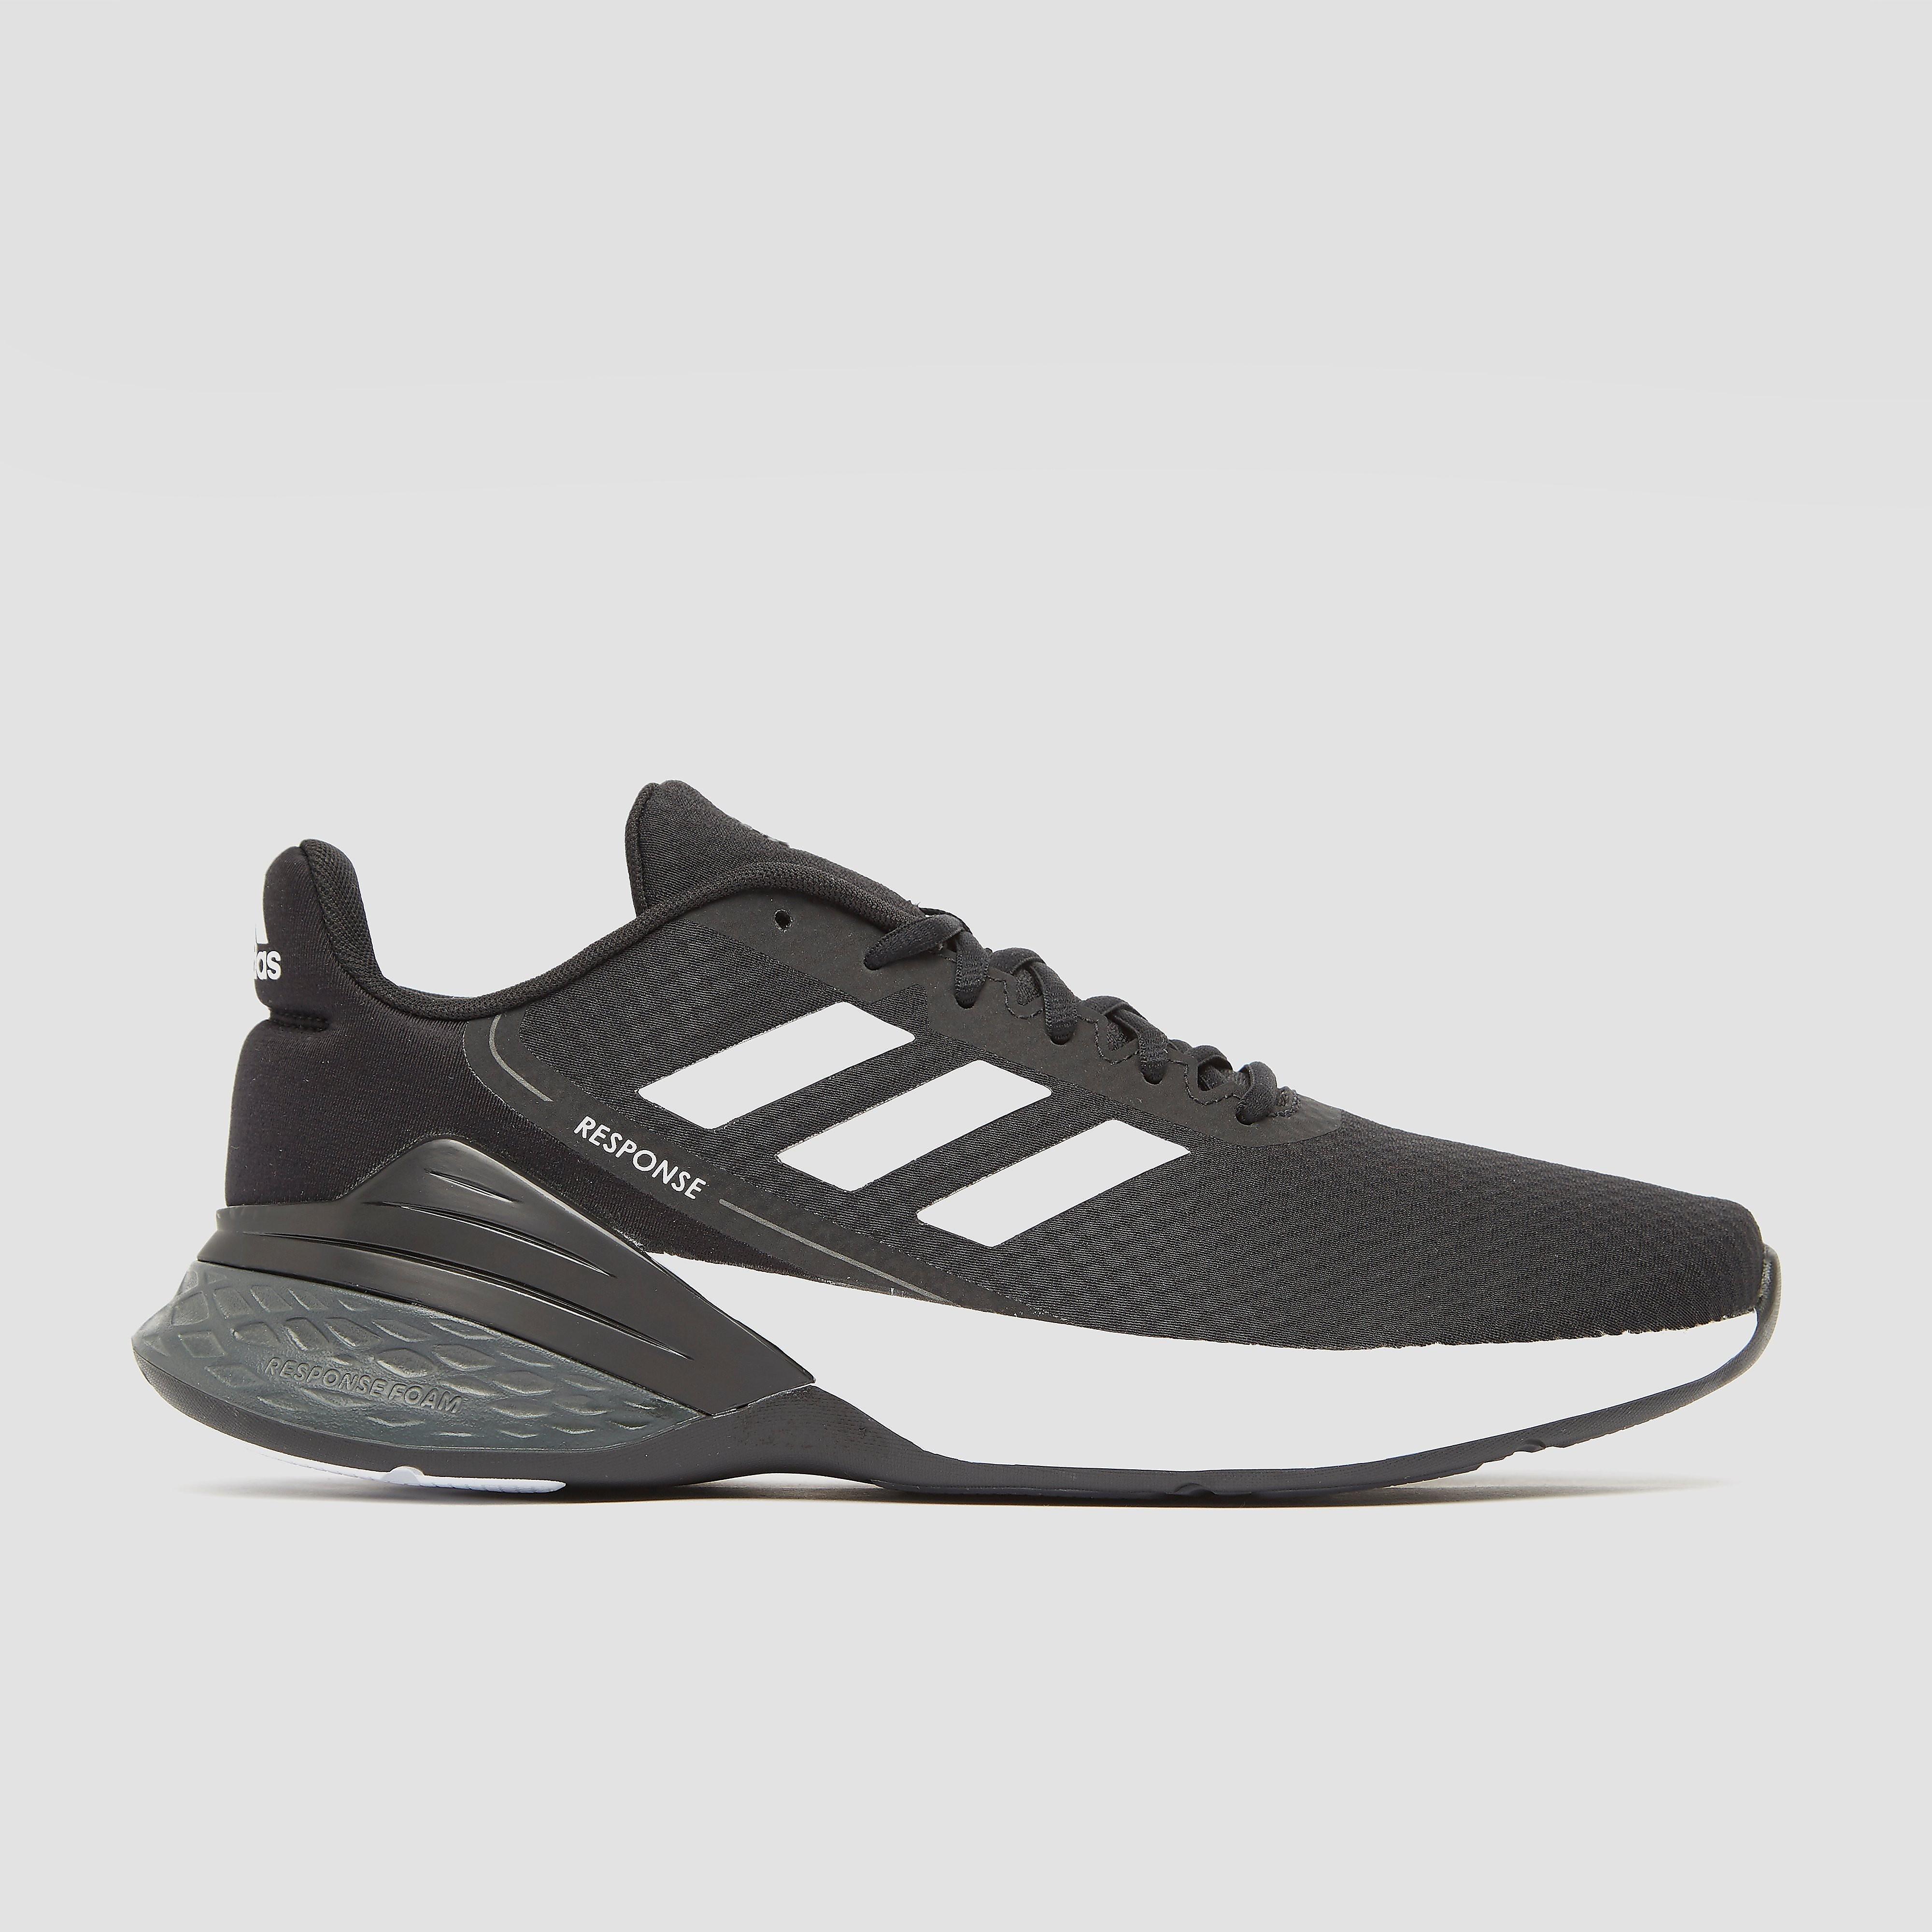 Adidas Performance Response hardloopschoenen zwart/wit/grijs online kopen